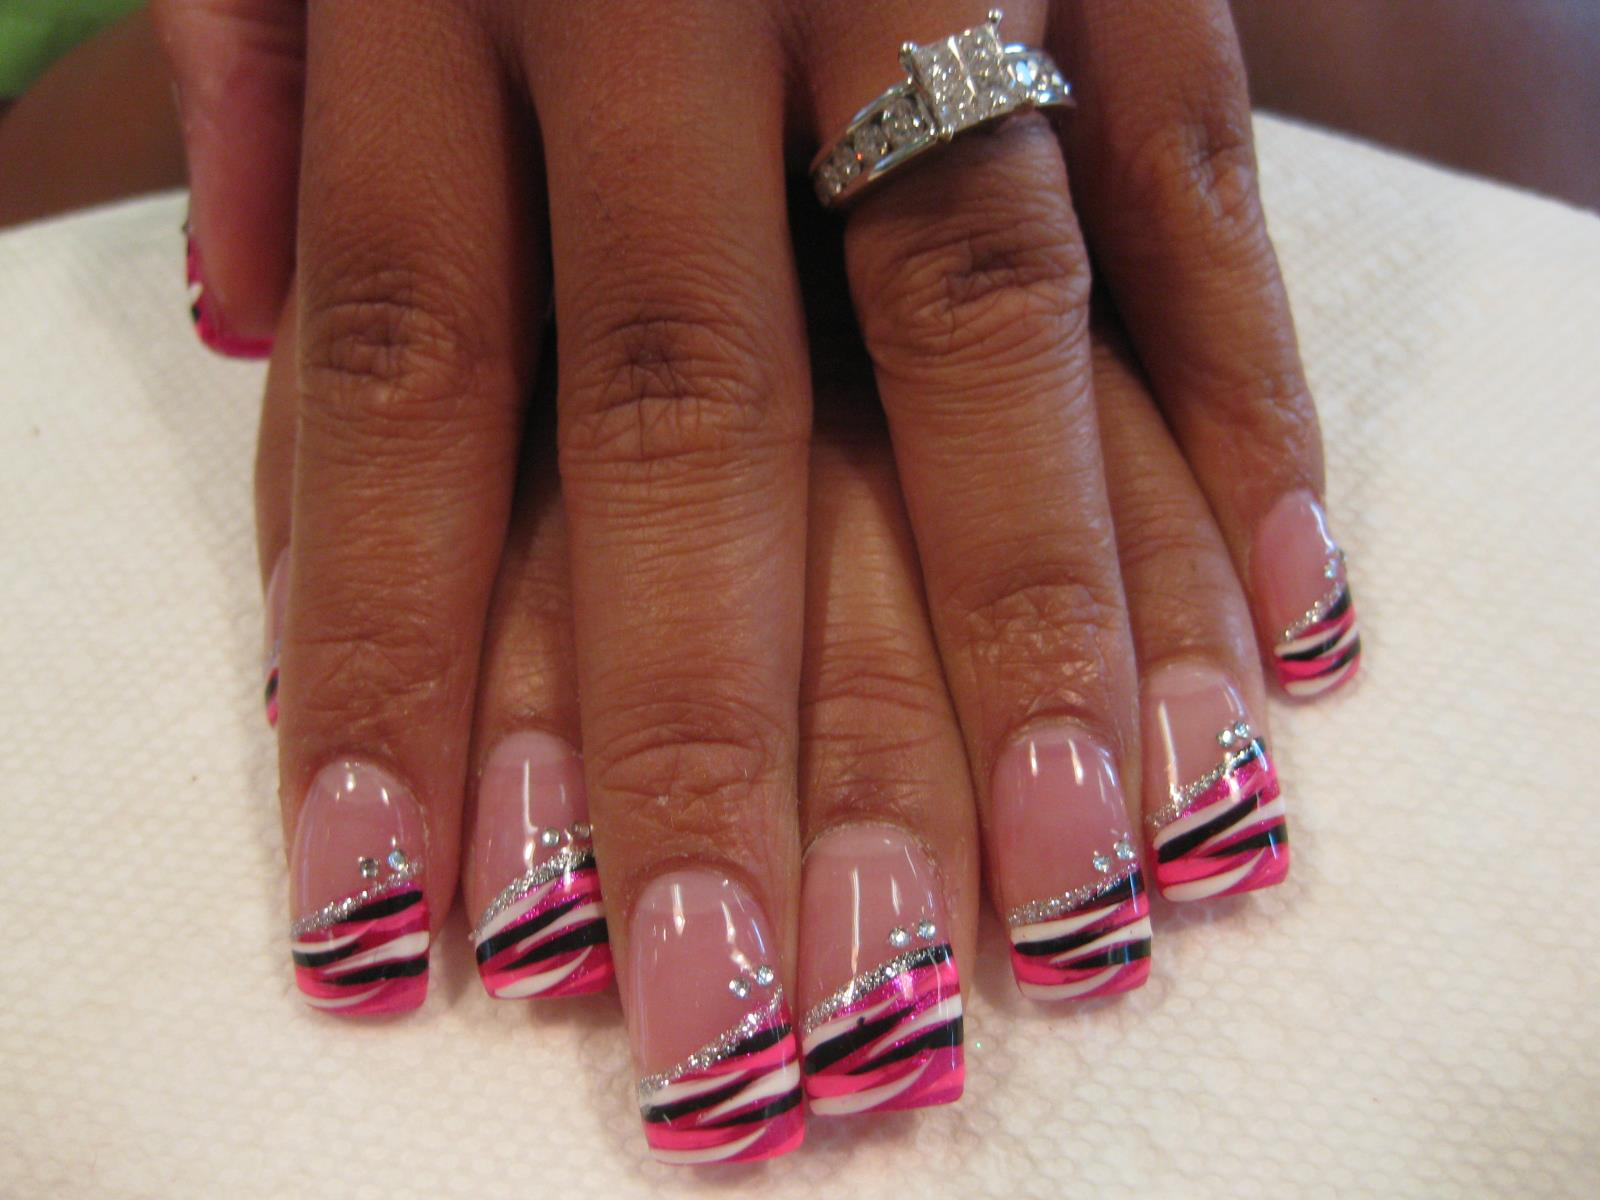 tijuana swirl nail art design